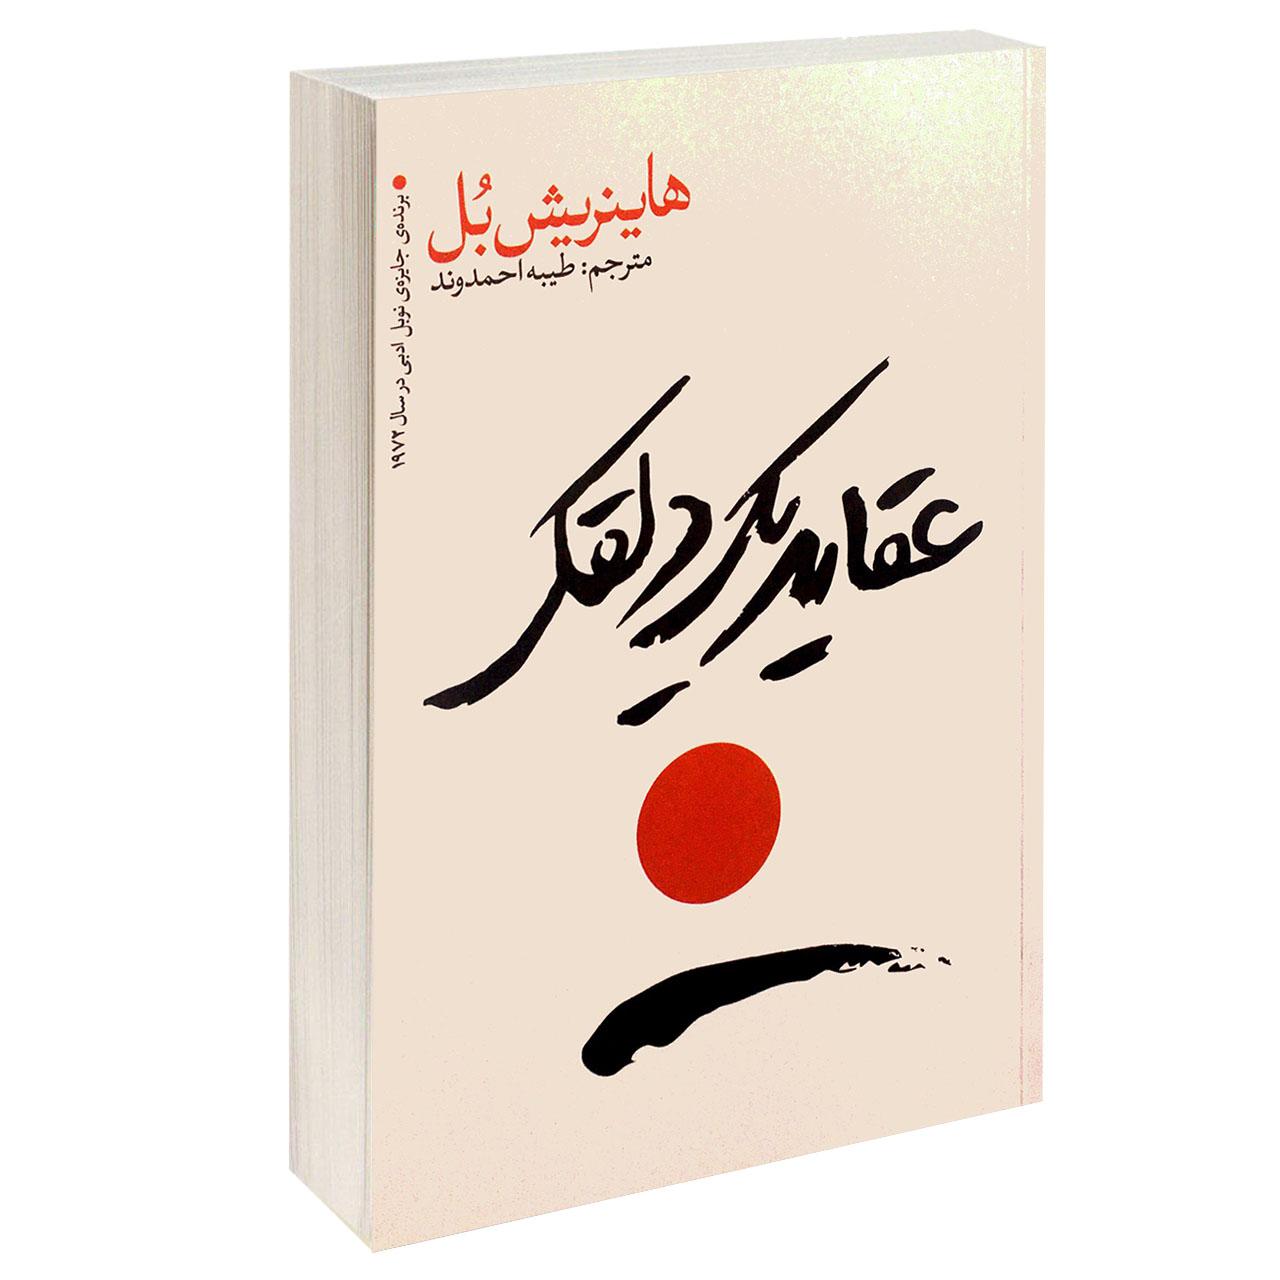 کتاب عقاید یک دلقک اثر هاینریش بل انتشارات یوشیتا              پرفروش